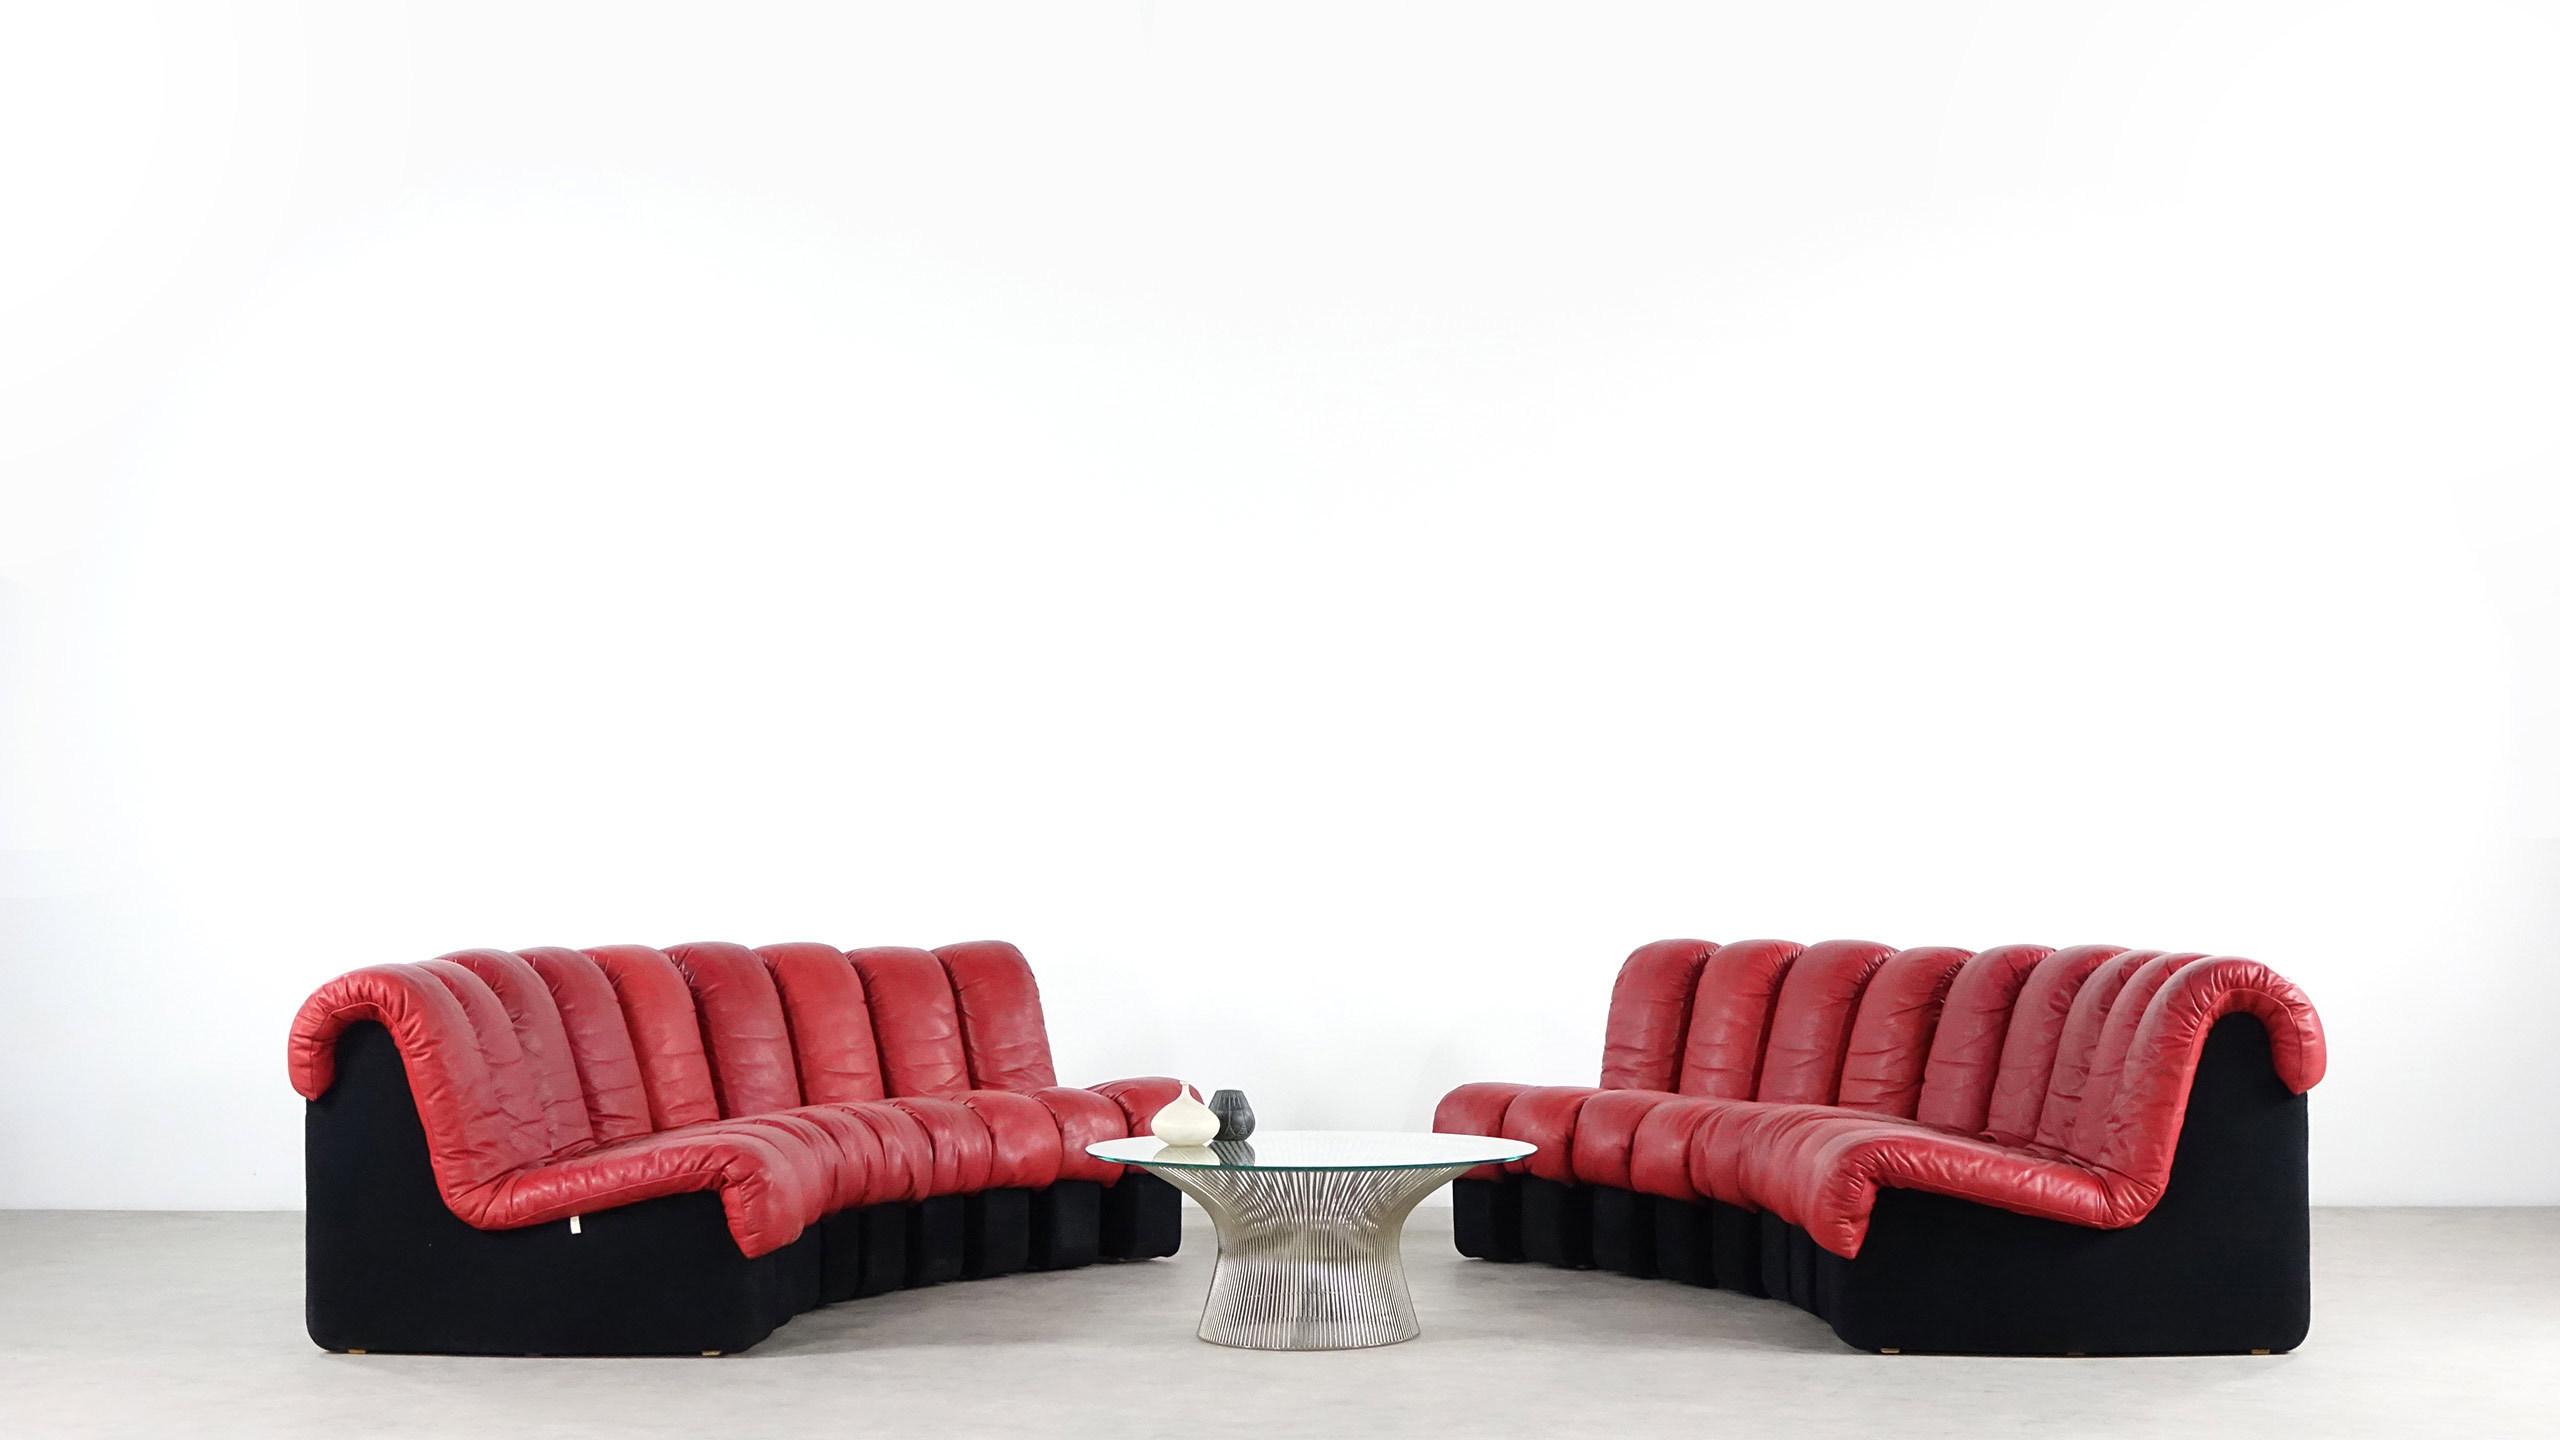 Full Size of De Sede Sofa Ds 600 Mit Verstellbarer Sitztiefe Modernes Bett Badezimmer Hochschrank Weiß Hochglanz Behindertengerechtes Bad L Form Altes 2 Sitzer Sofa De Sede Sofa